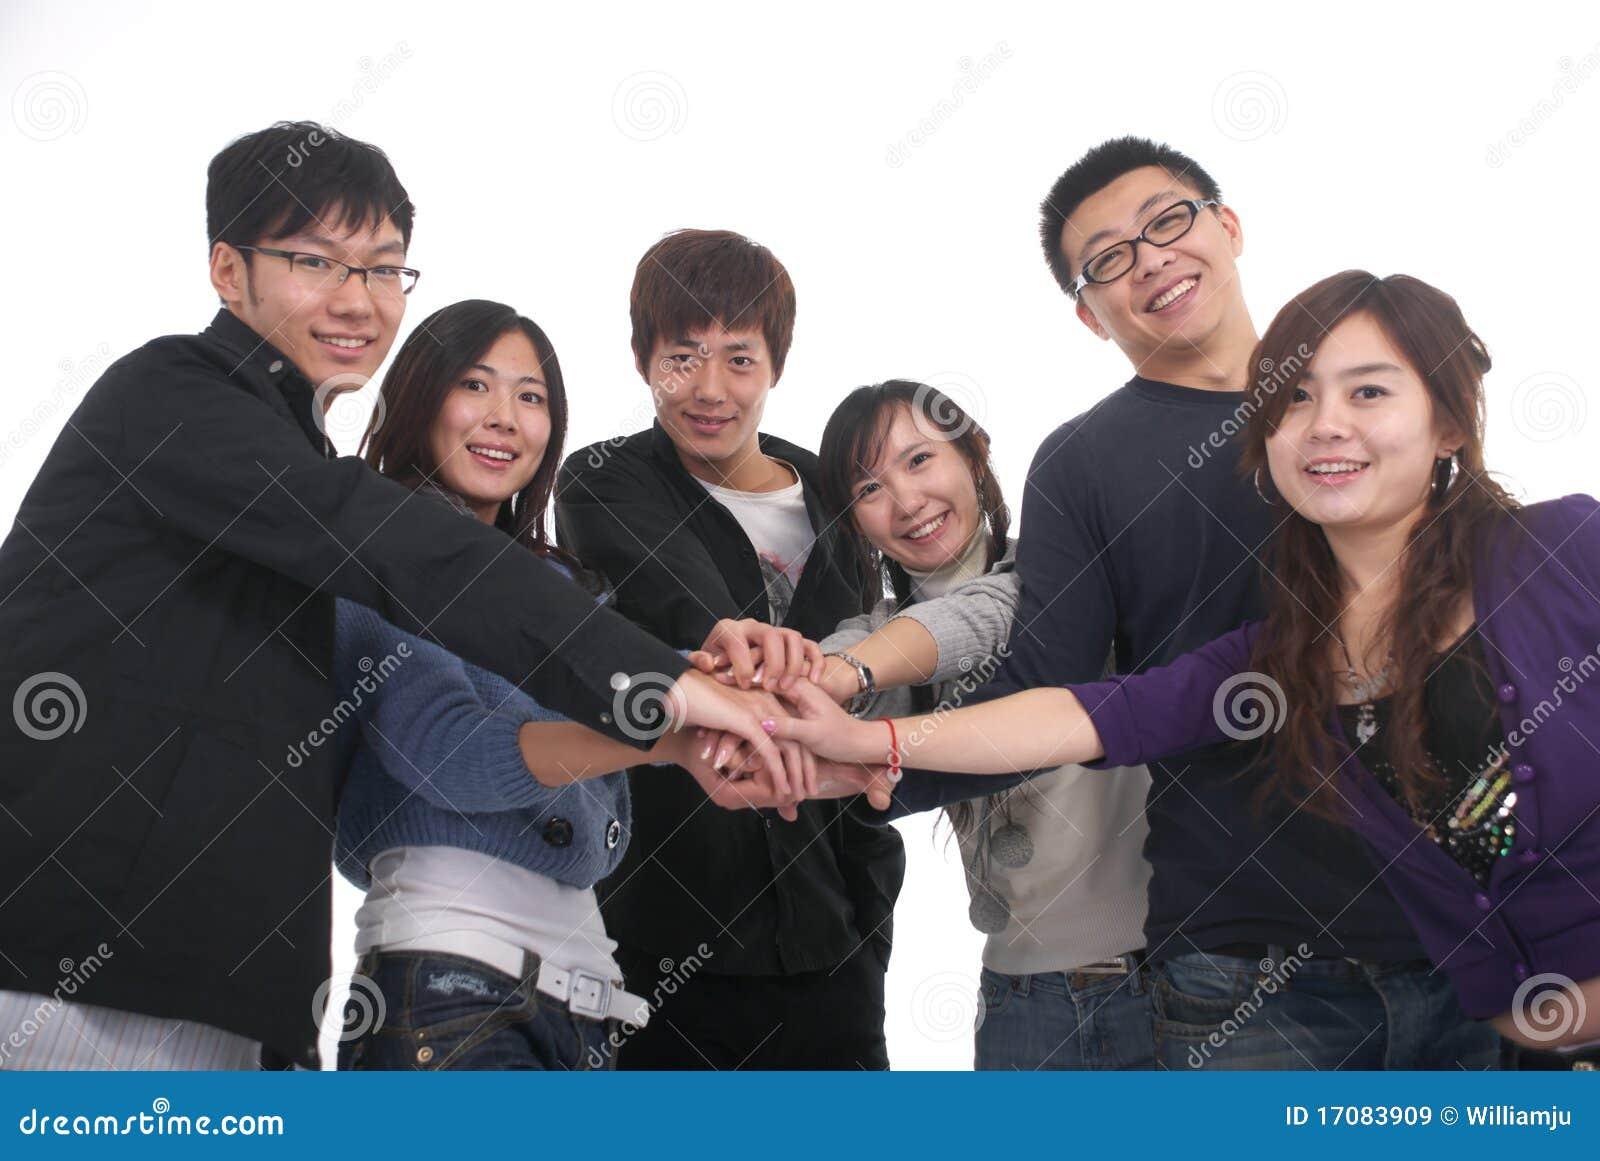 Junge asiatische Gruppe